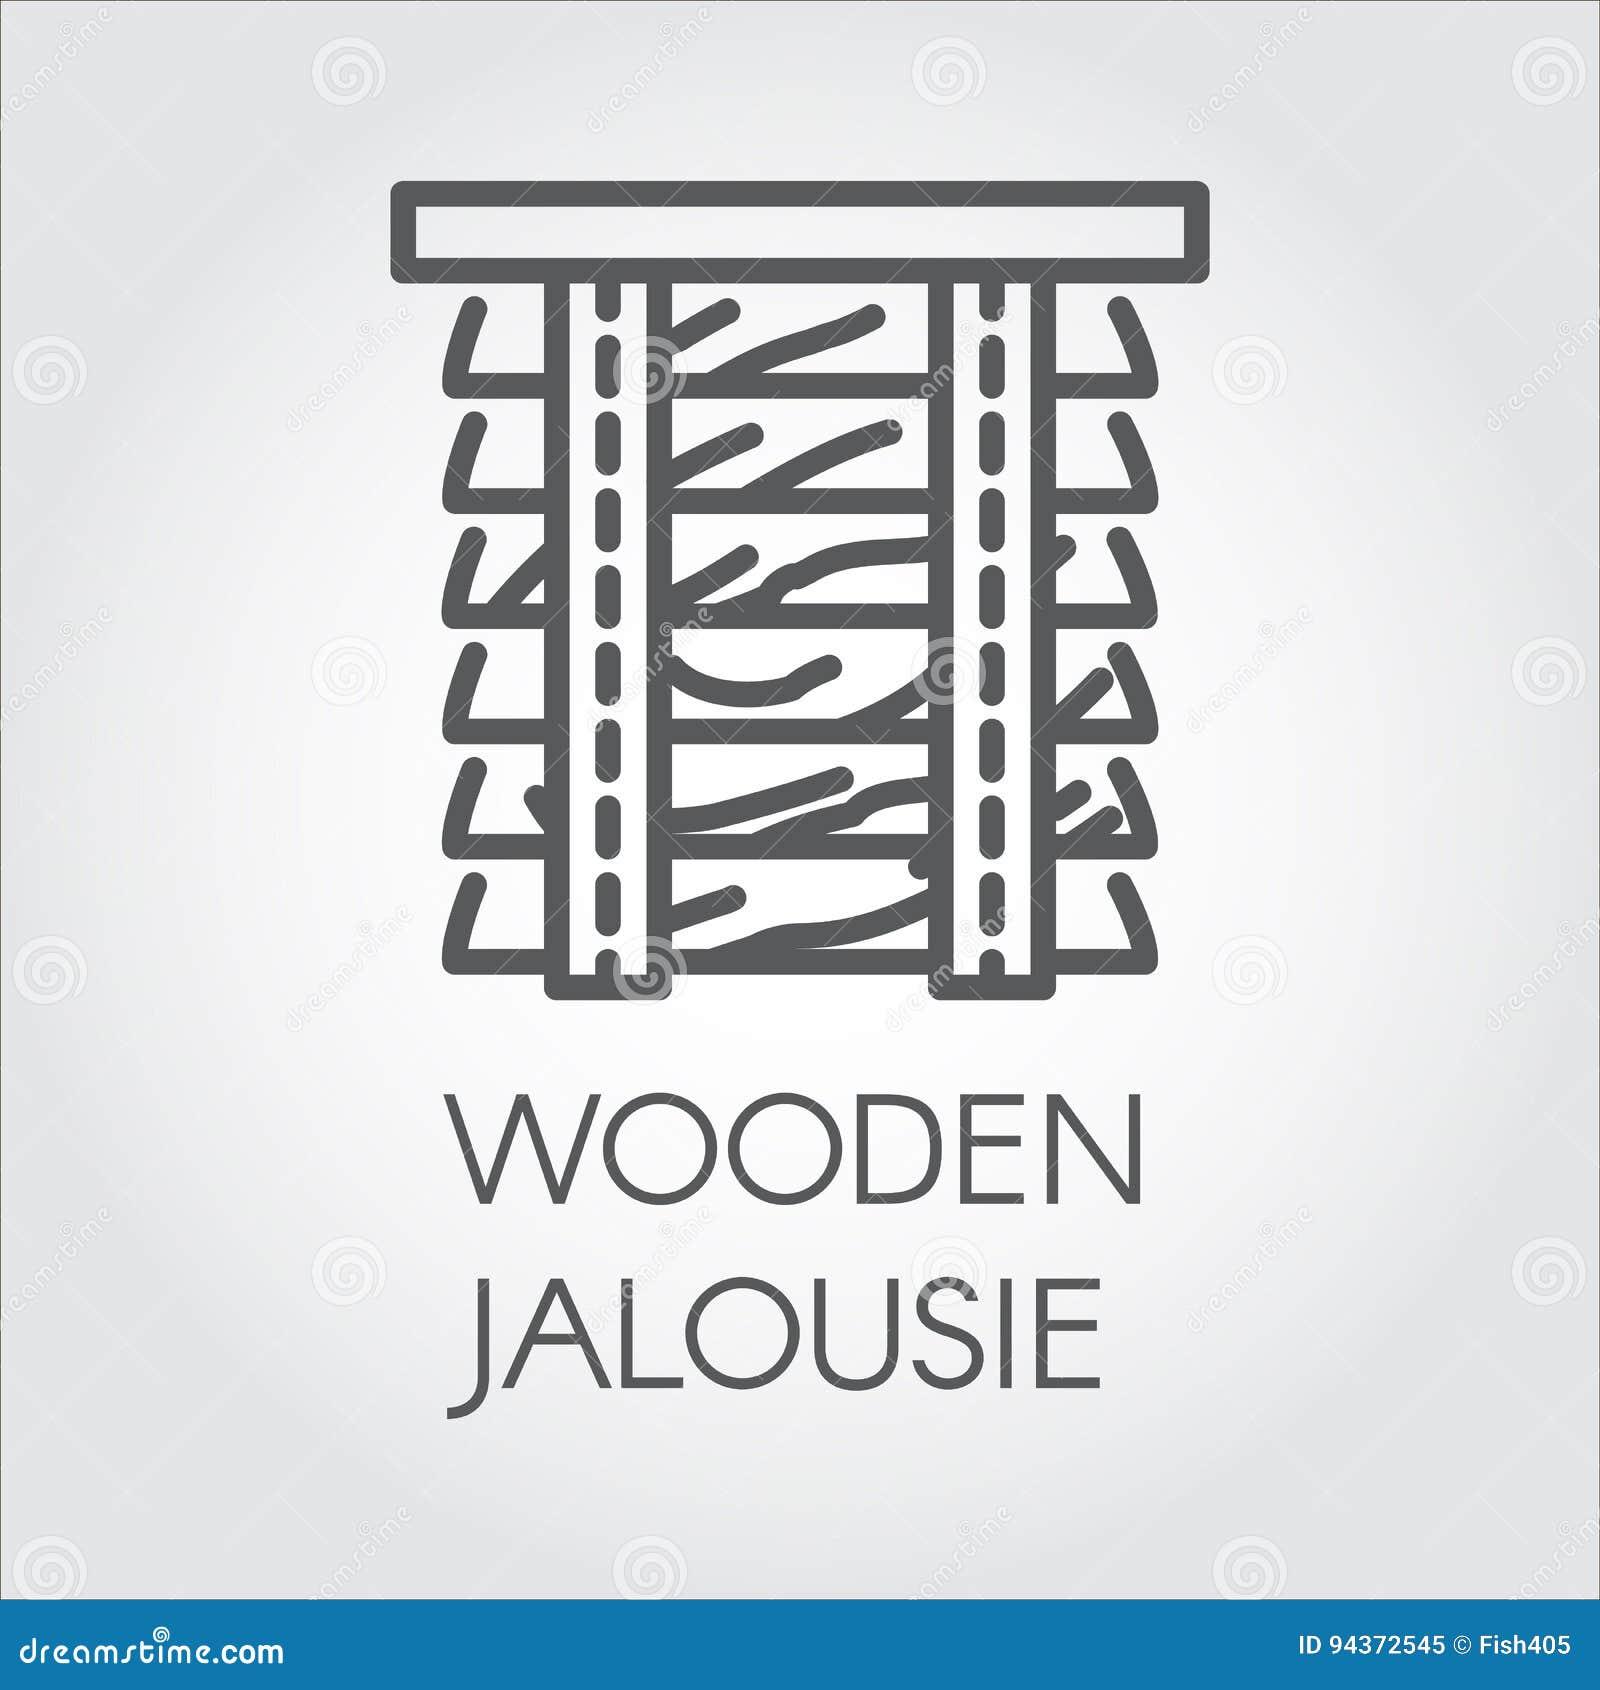 Interior Design Logo Images